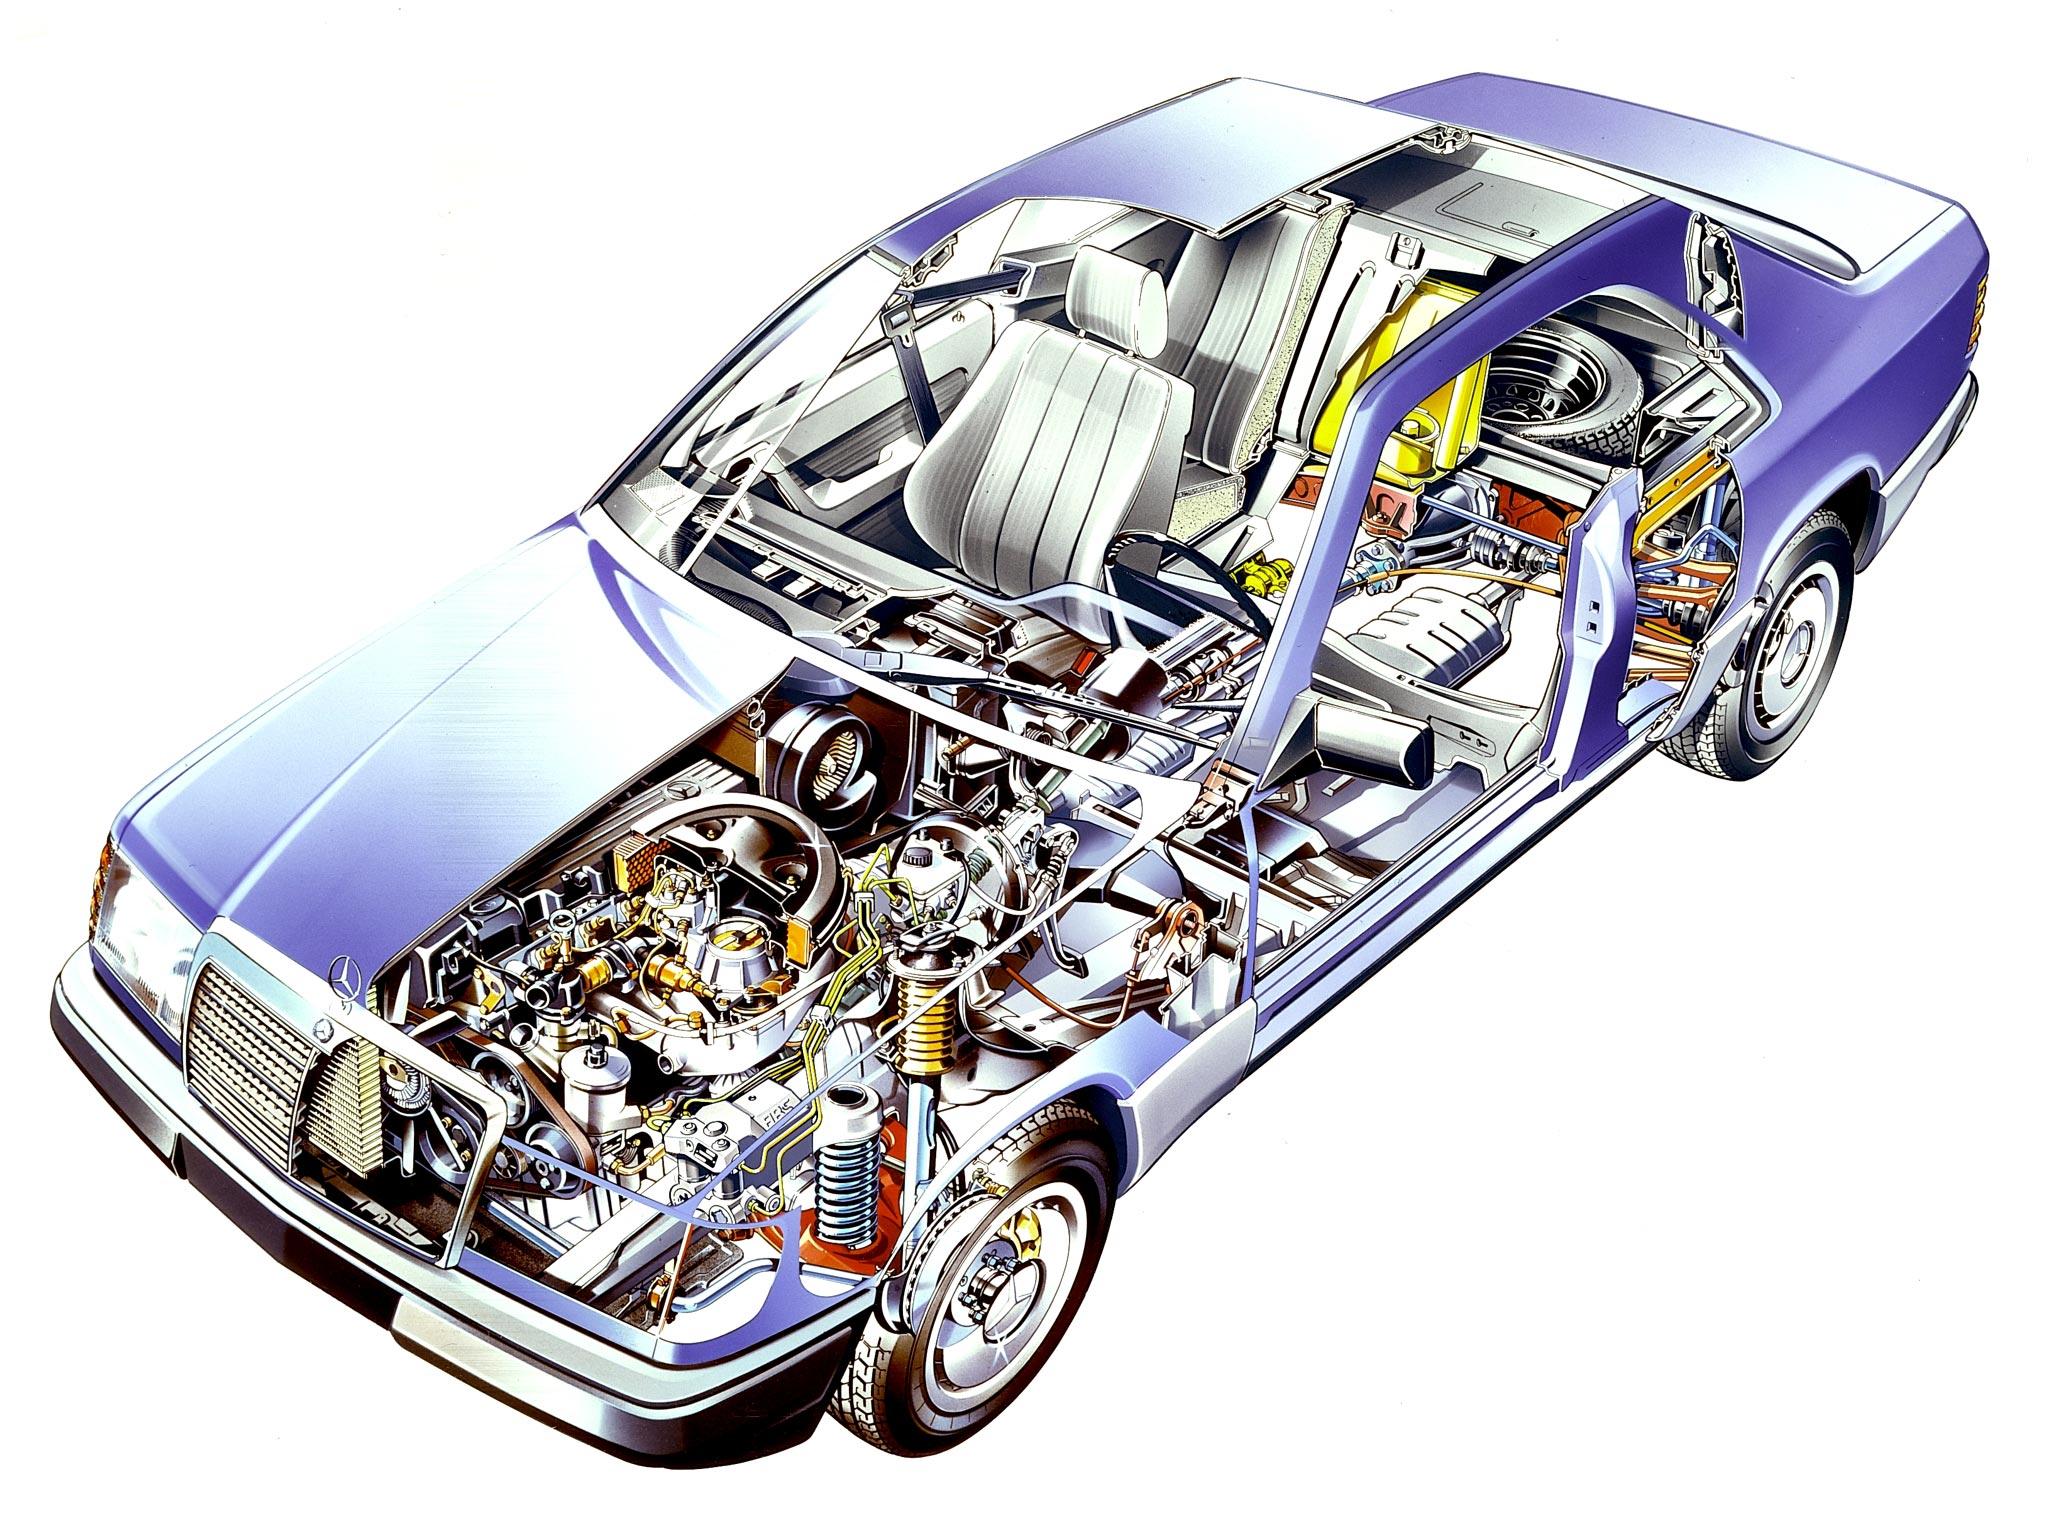 Mercedes-Benz E-Class cutaway drawing